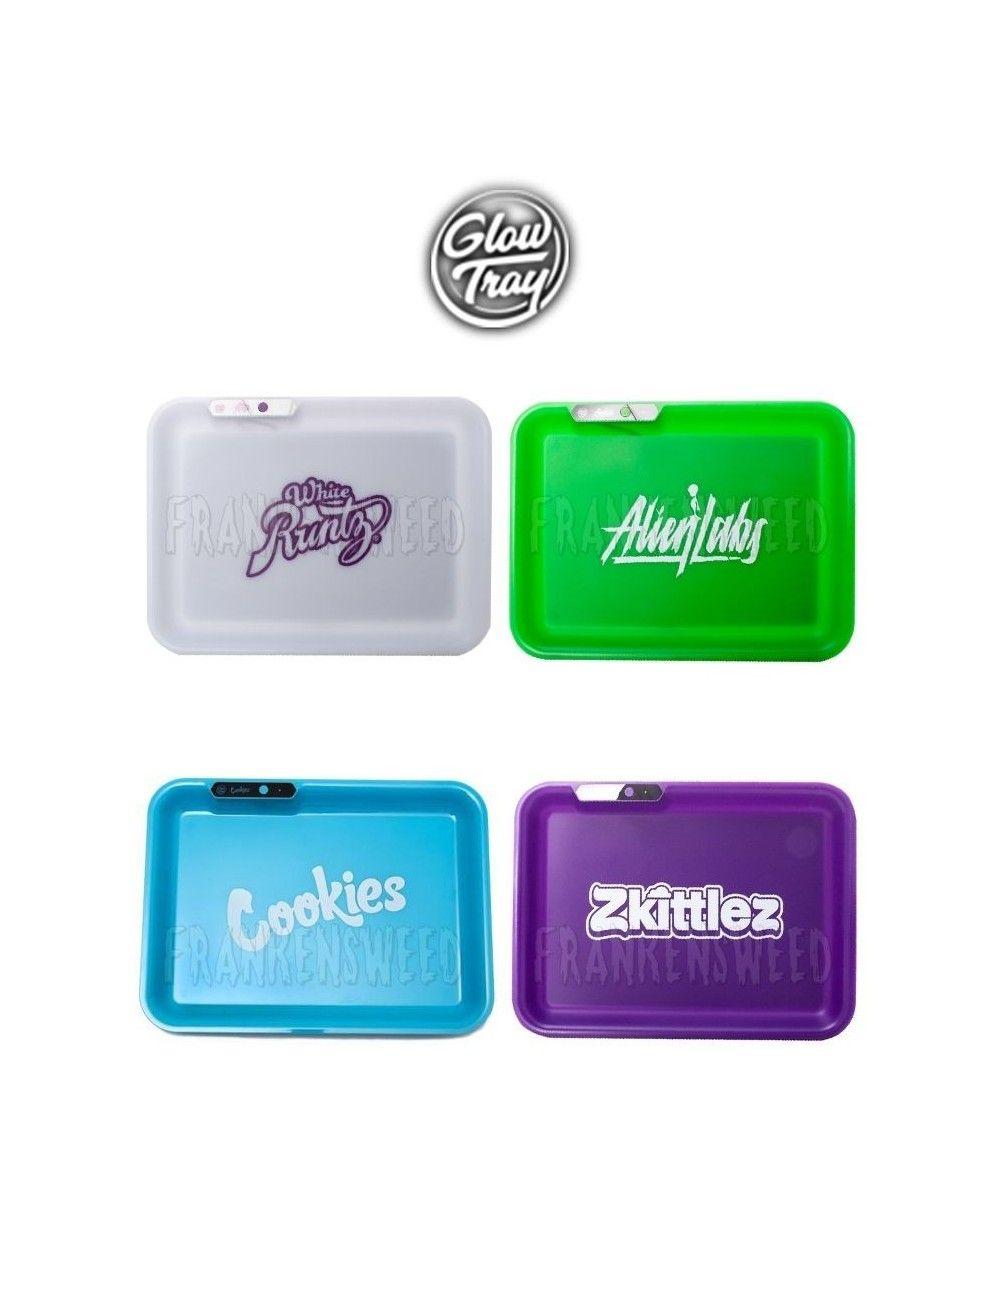 Comprar Glow Tray en España, los mejores diseños: Zkittlez, Alien Labs, Runtz, Cookies...